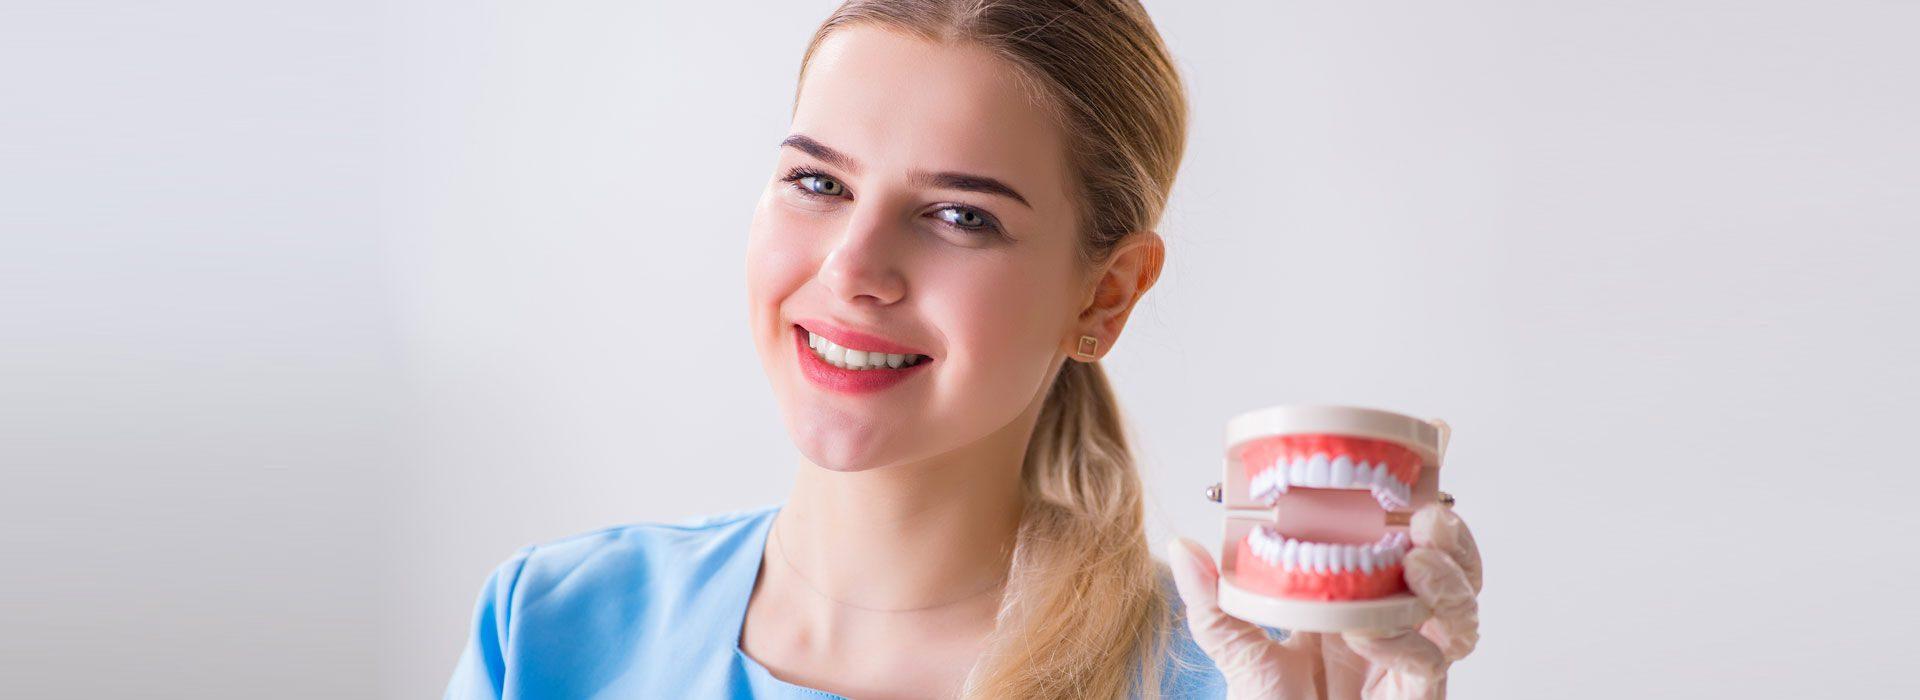 Smiling Girl having the Denture